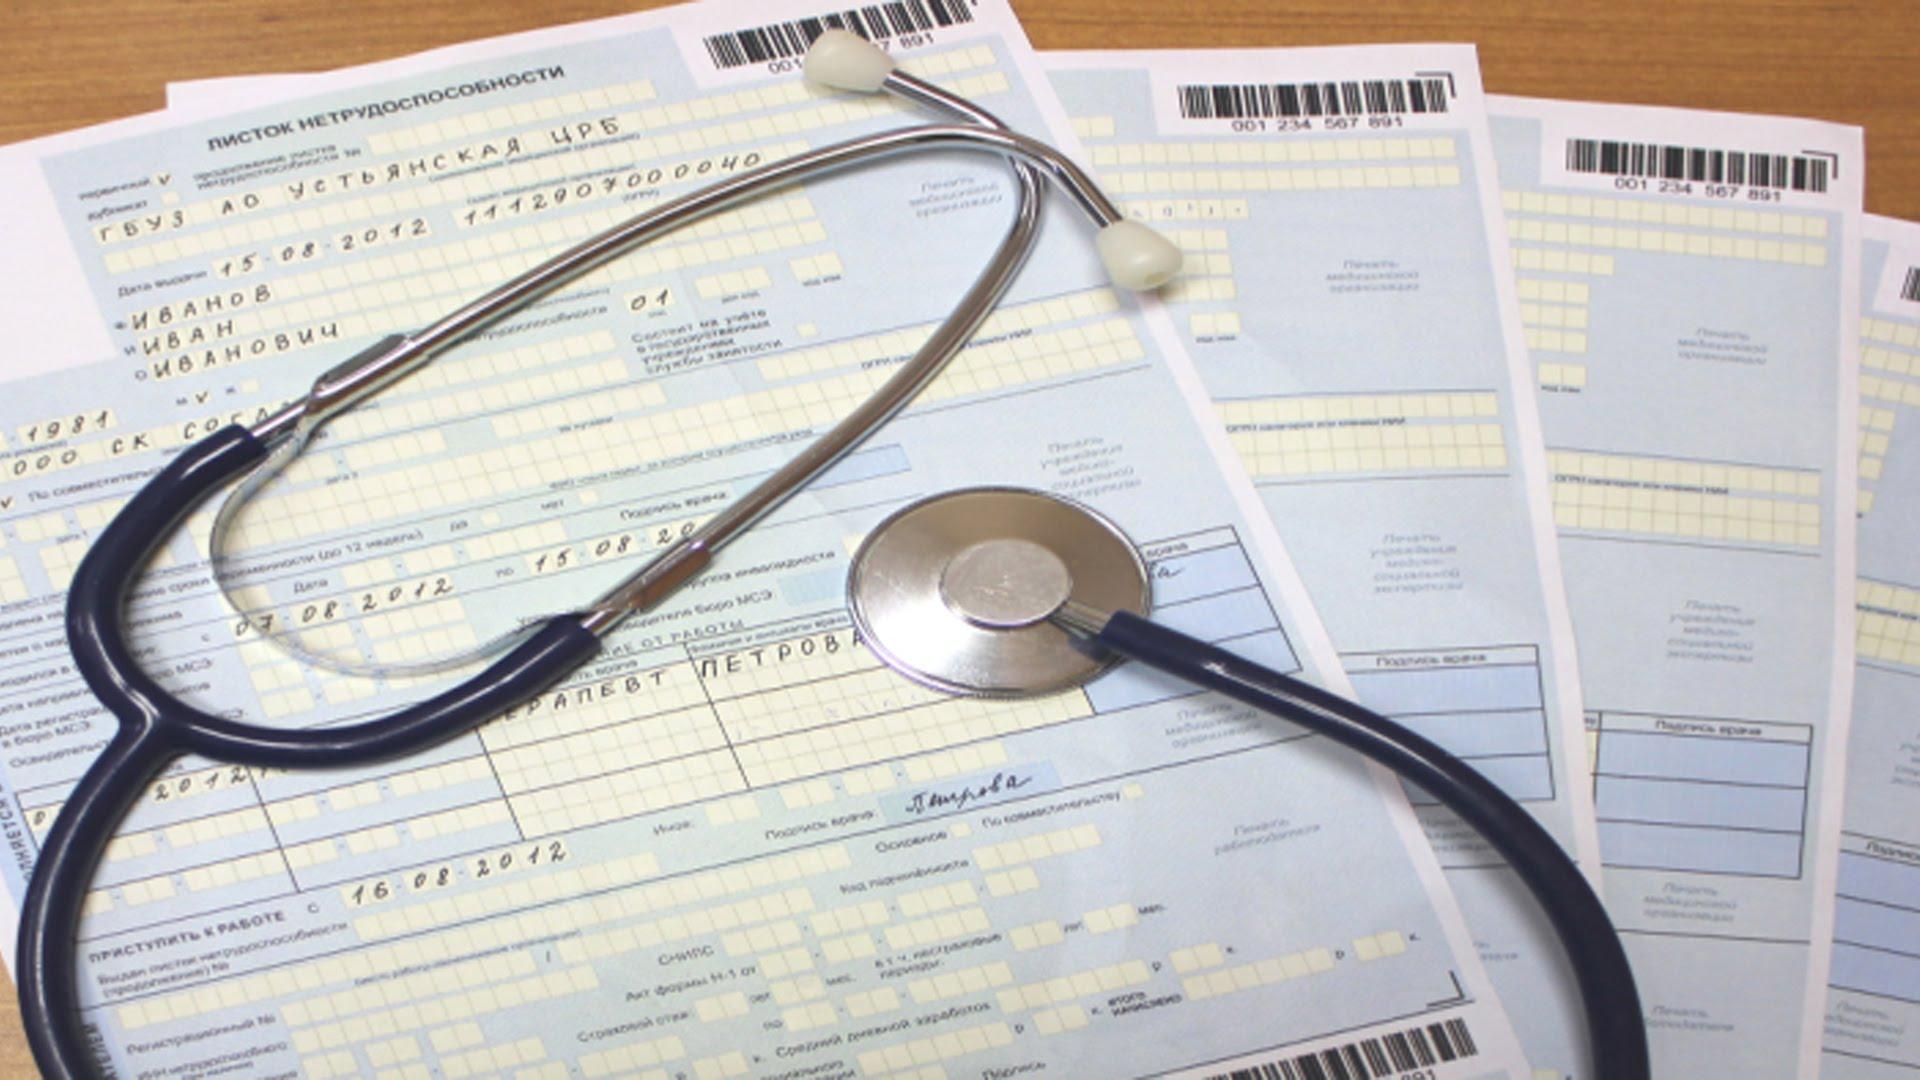 Имеют ли права закрыть больничный при отказе от госпитализации хотелось дать